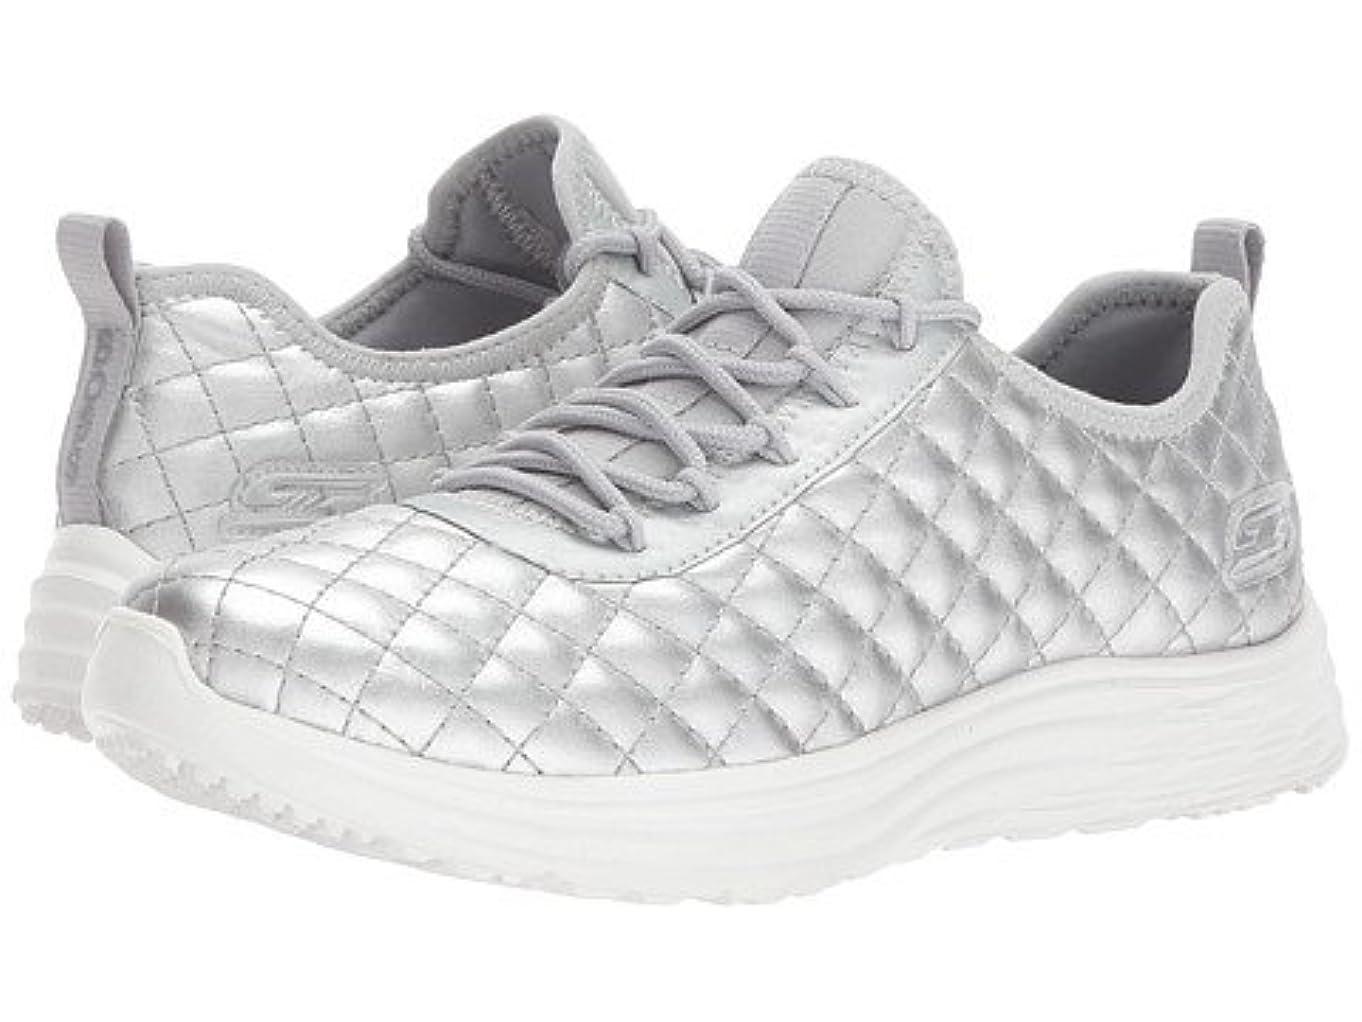 最高雲電卓(スケッチャーズ) SKECHERS レディーススニーカー?ウォーキングシューズ?靴 Bobs Swift - Social Hustle Silver 5.5 22.5cm B - Medium [並行輸入品]